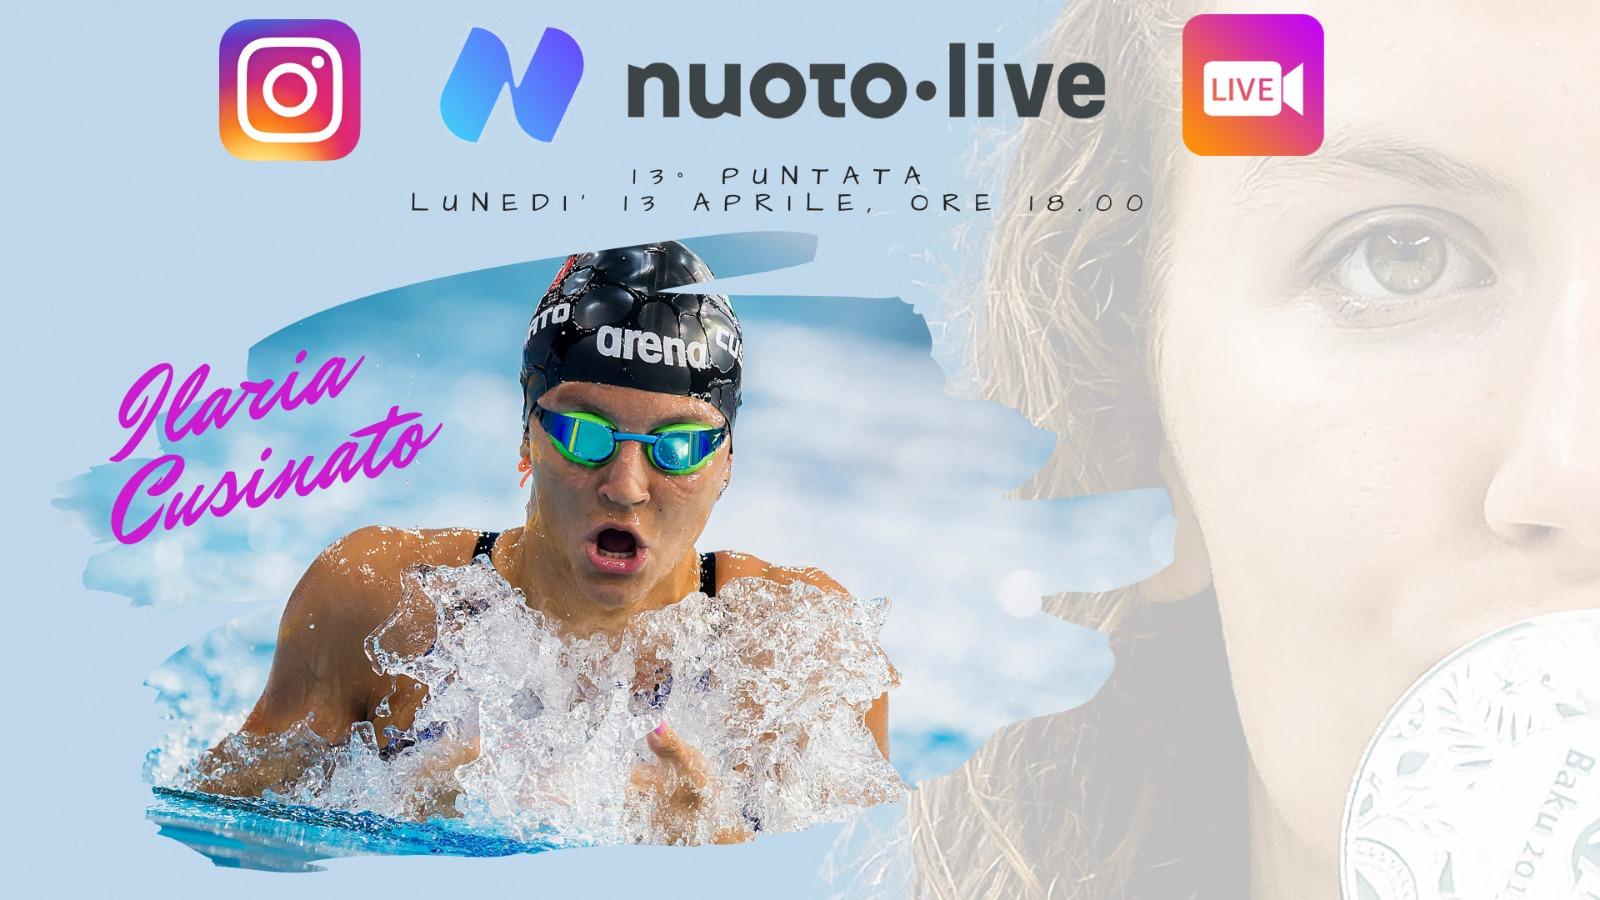 """#Nuotopuntolive, 13° puntata. Ilaria Cusinato: """"voglio tornare ai livelli del 2018. In futuro anche i 200 stile libero"""""""